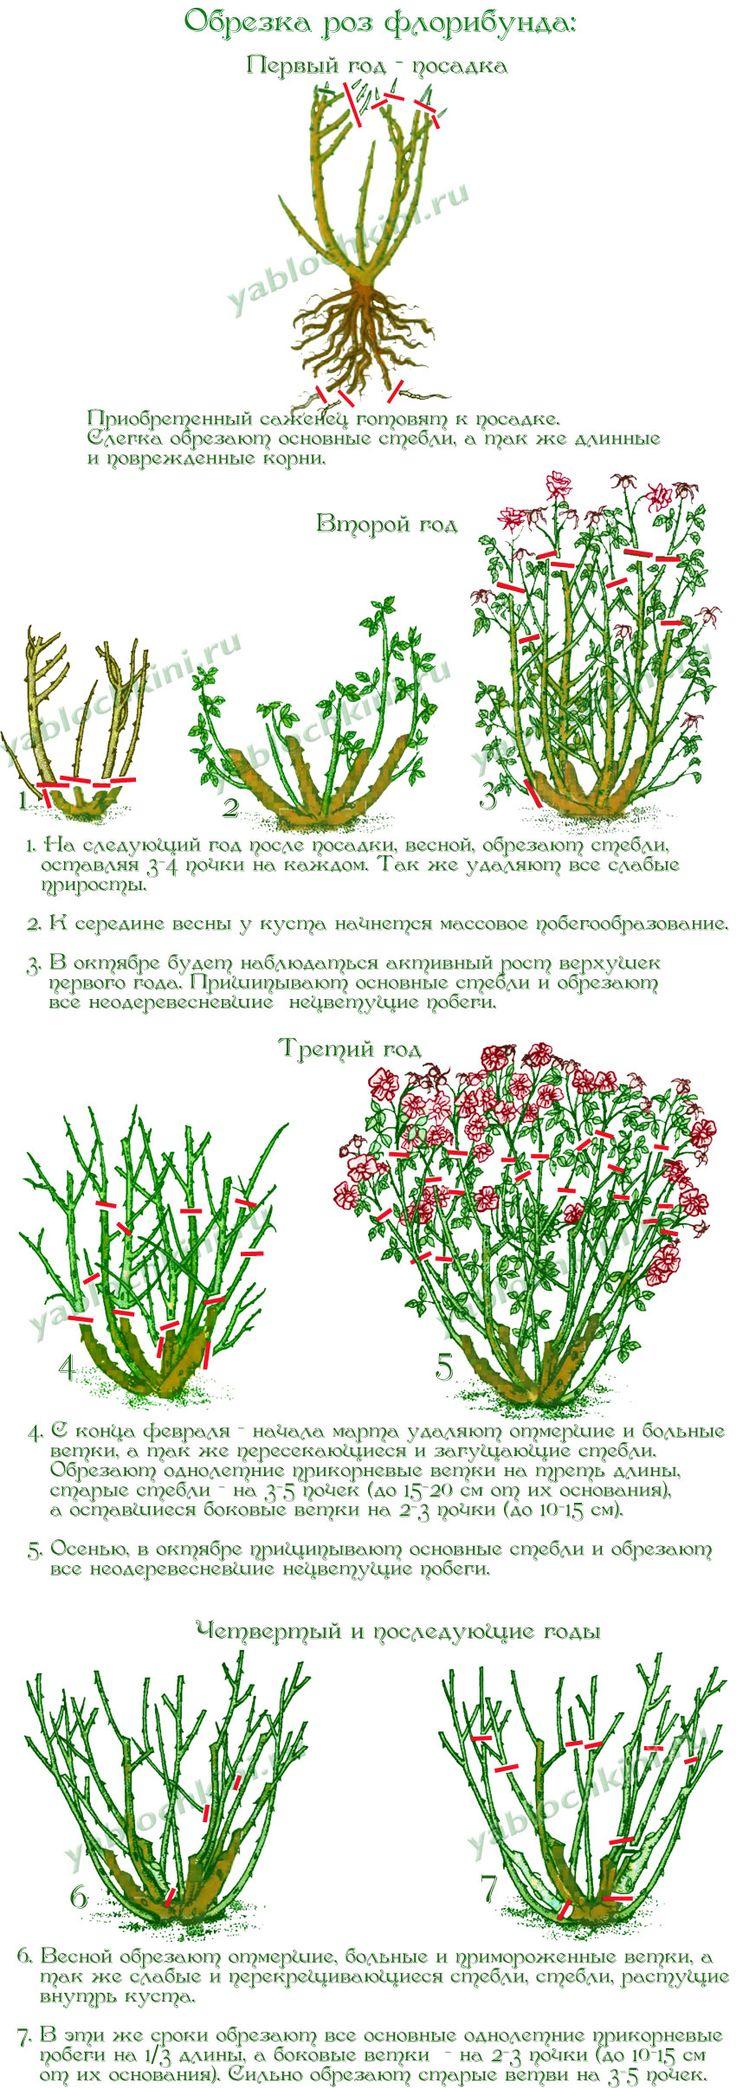 обрезка-роз-флорибунда